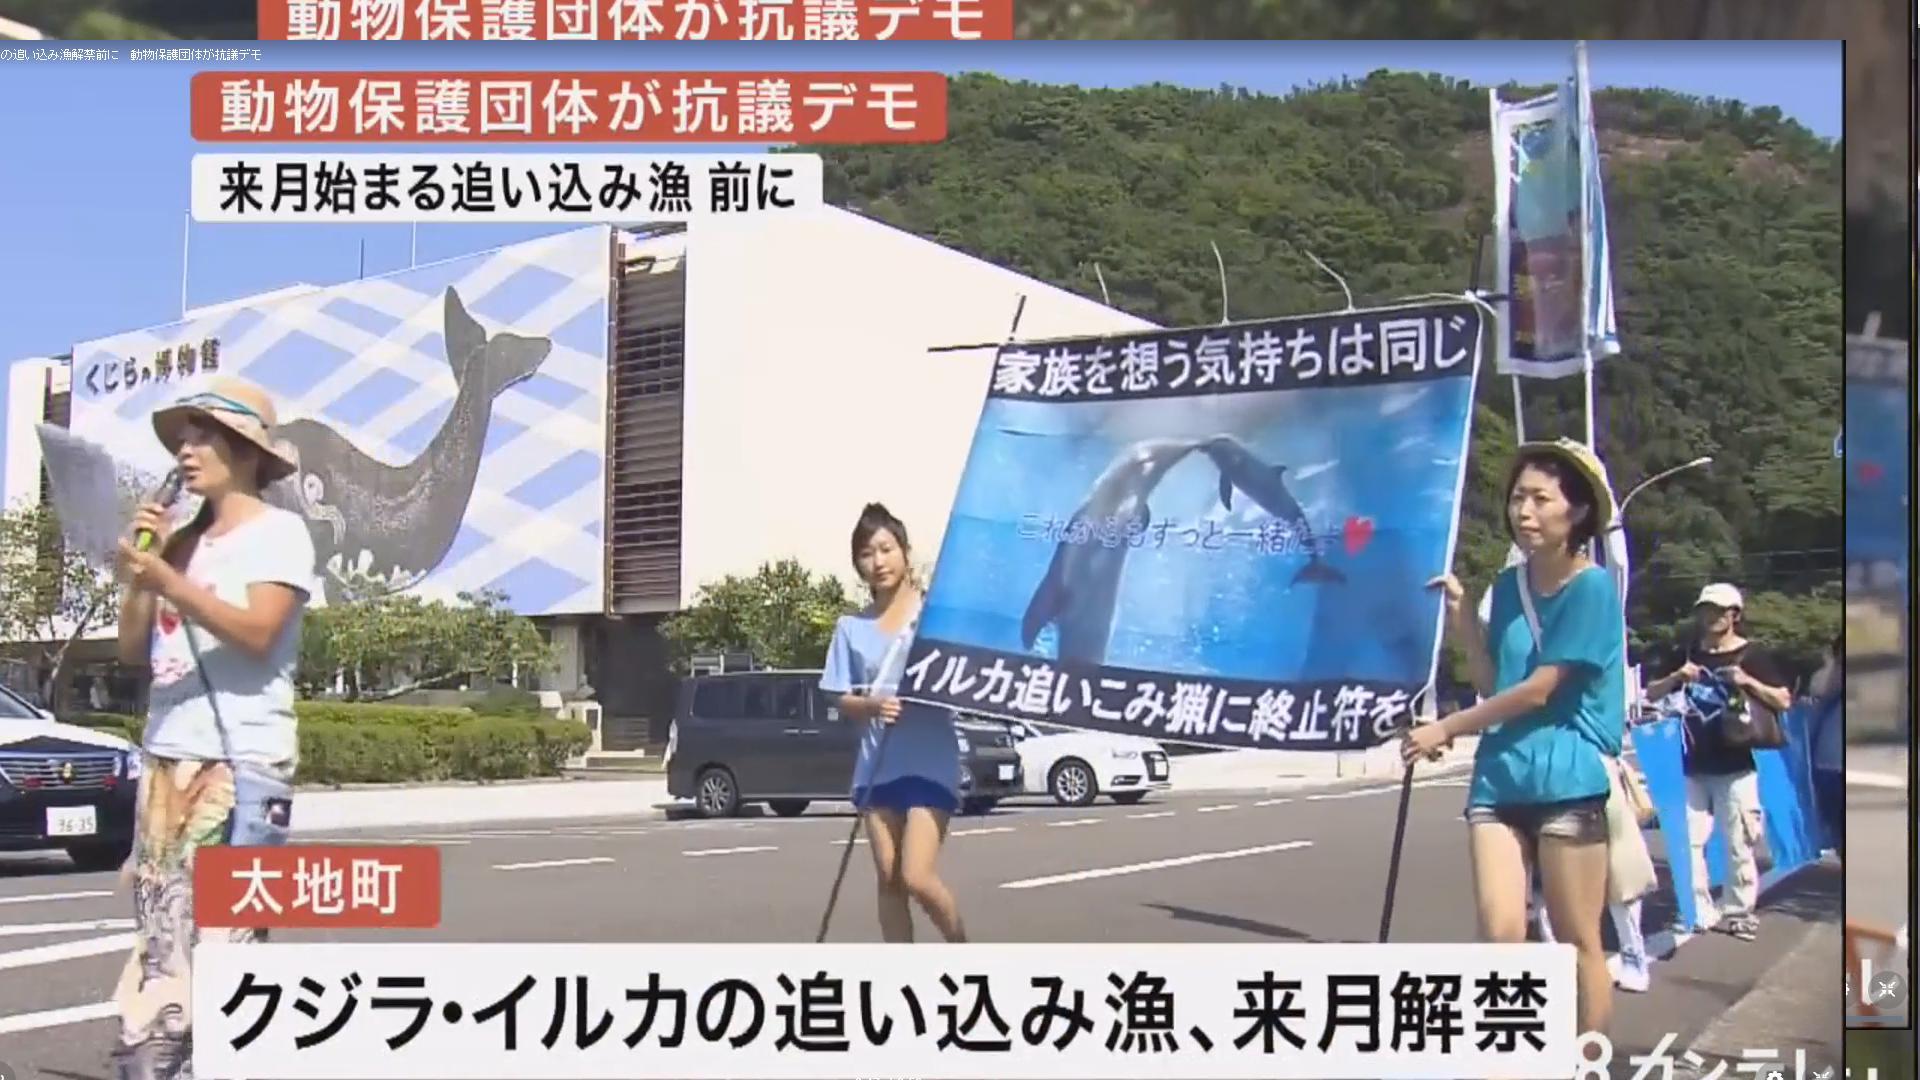 taijidemokansaiTV9.jpg